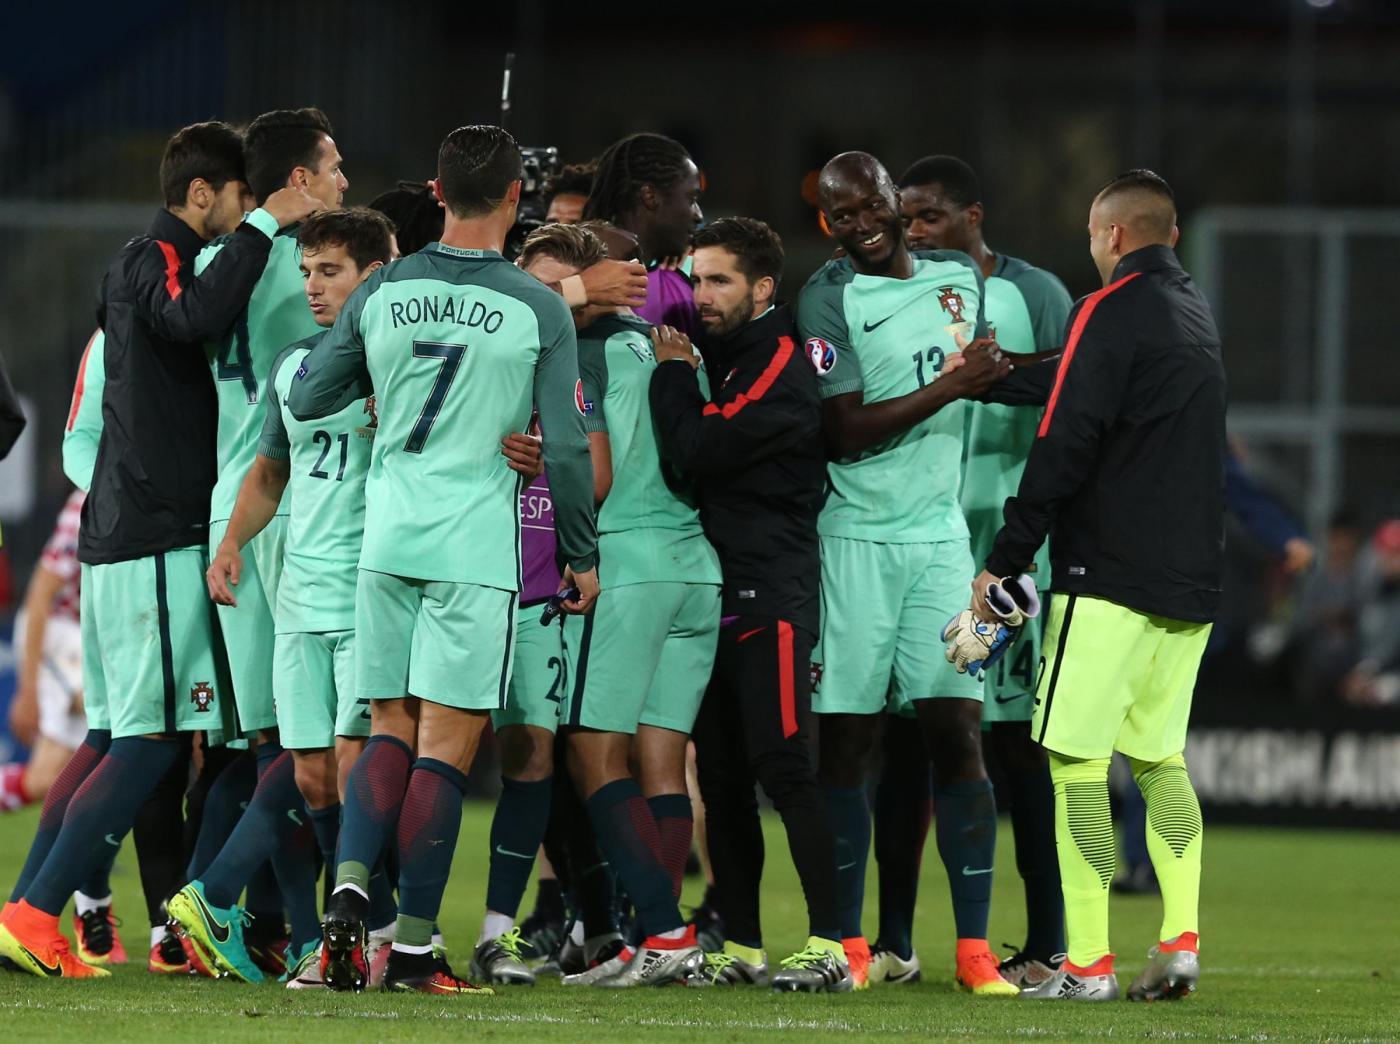 Amichevoli Nazionali, Portogallo-Algeria giovedì 7 giugno: analisi e pronostico del match in preparazione ai prossimi Mondiali